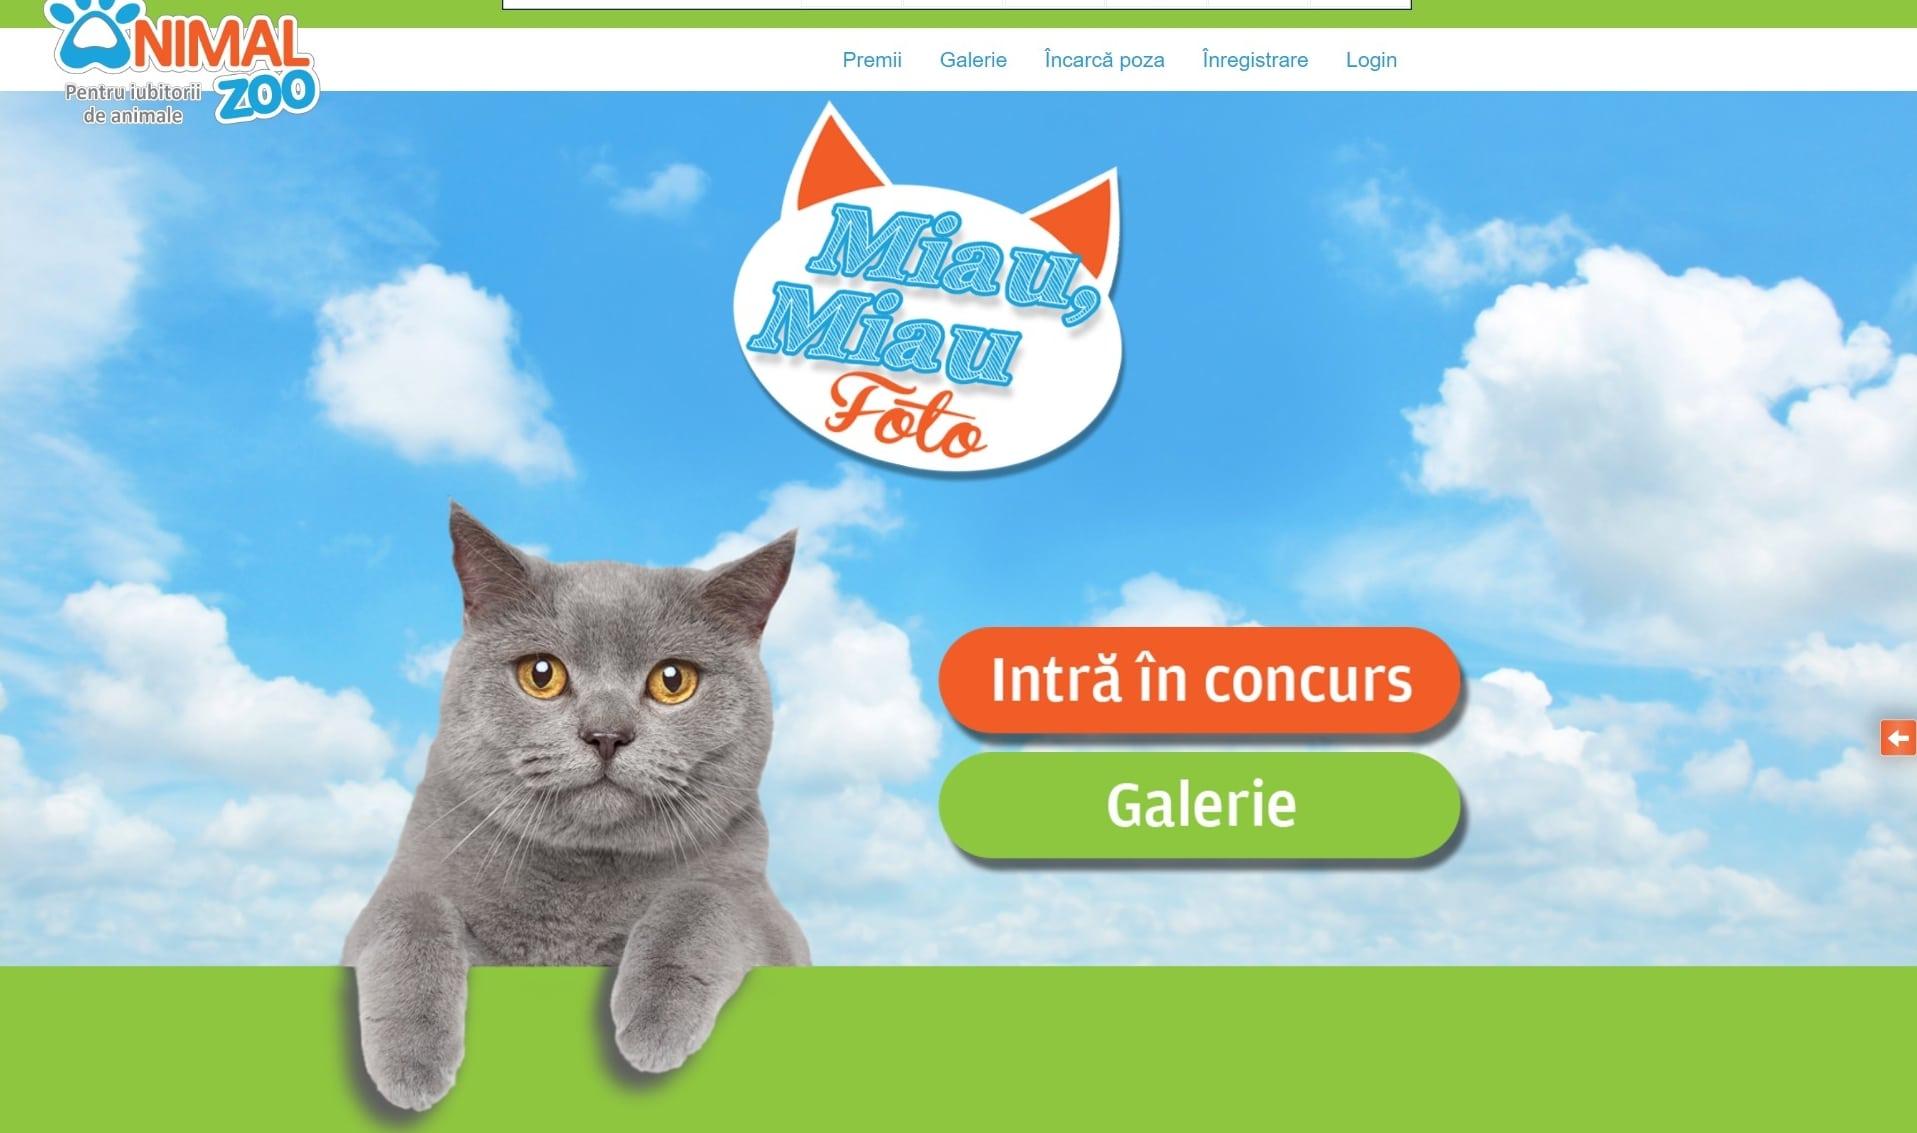 Creare site web - Concurs foto